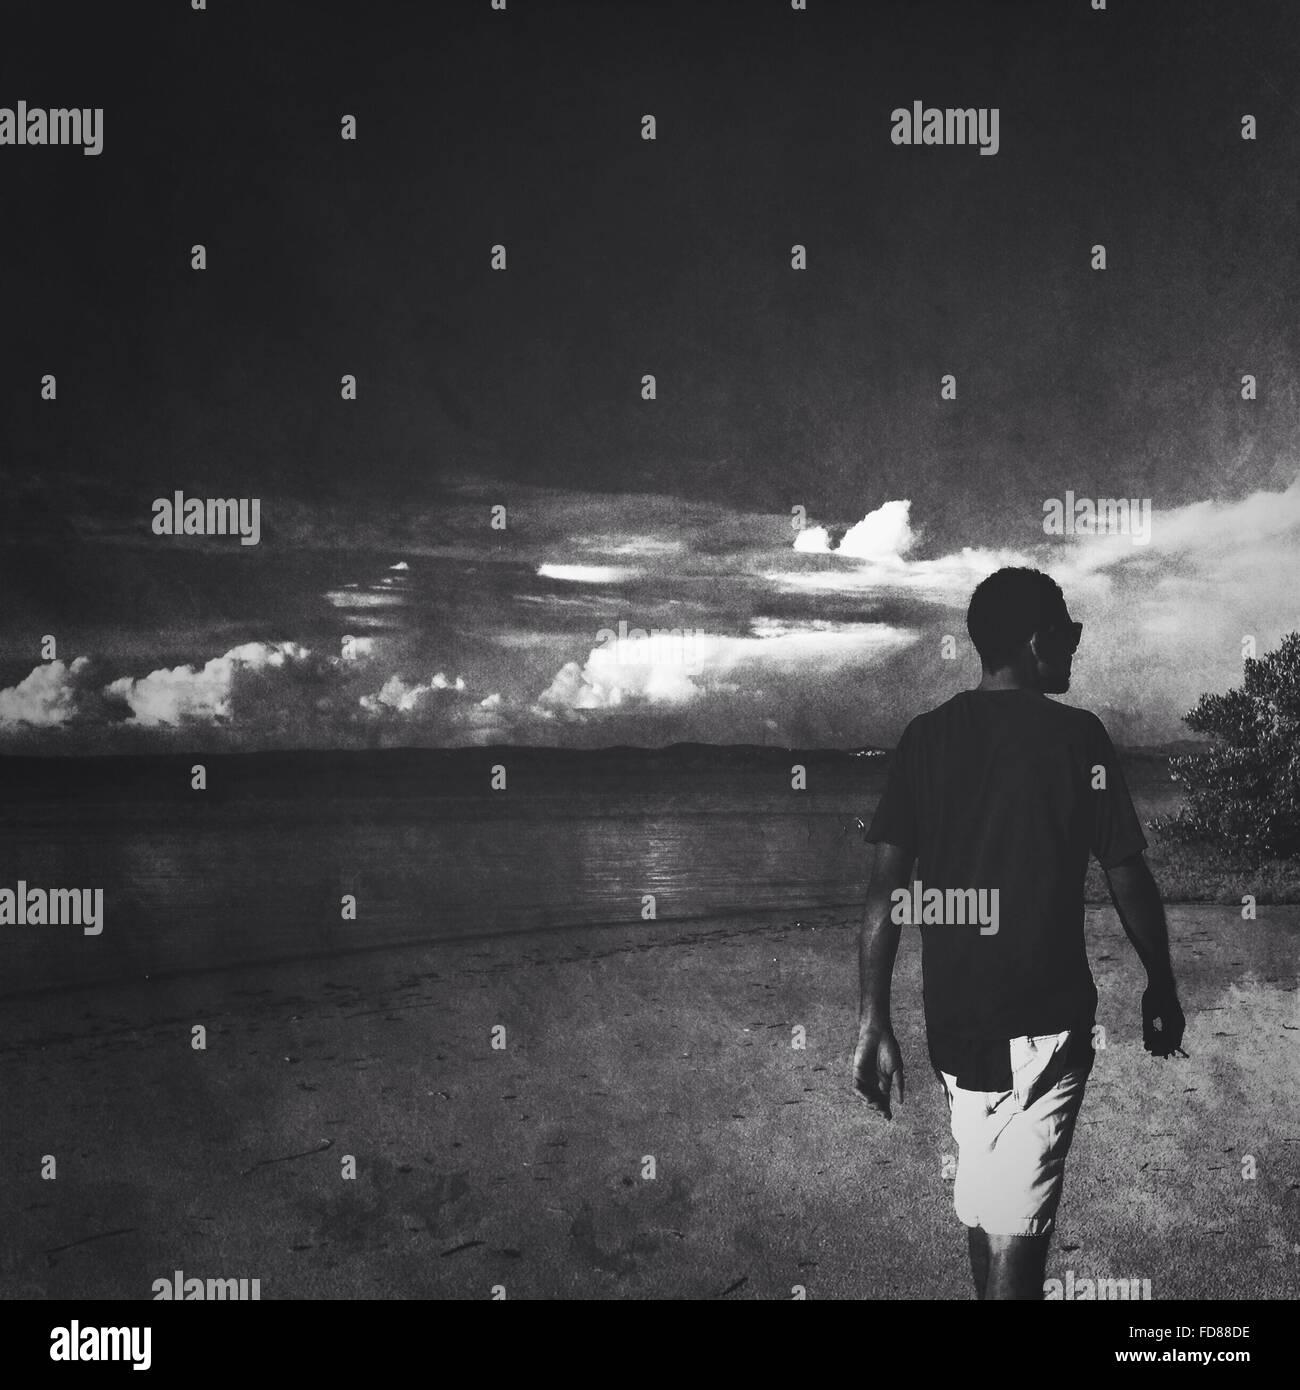 Vista trasera del joven caminando en la playa Imagen De Stock